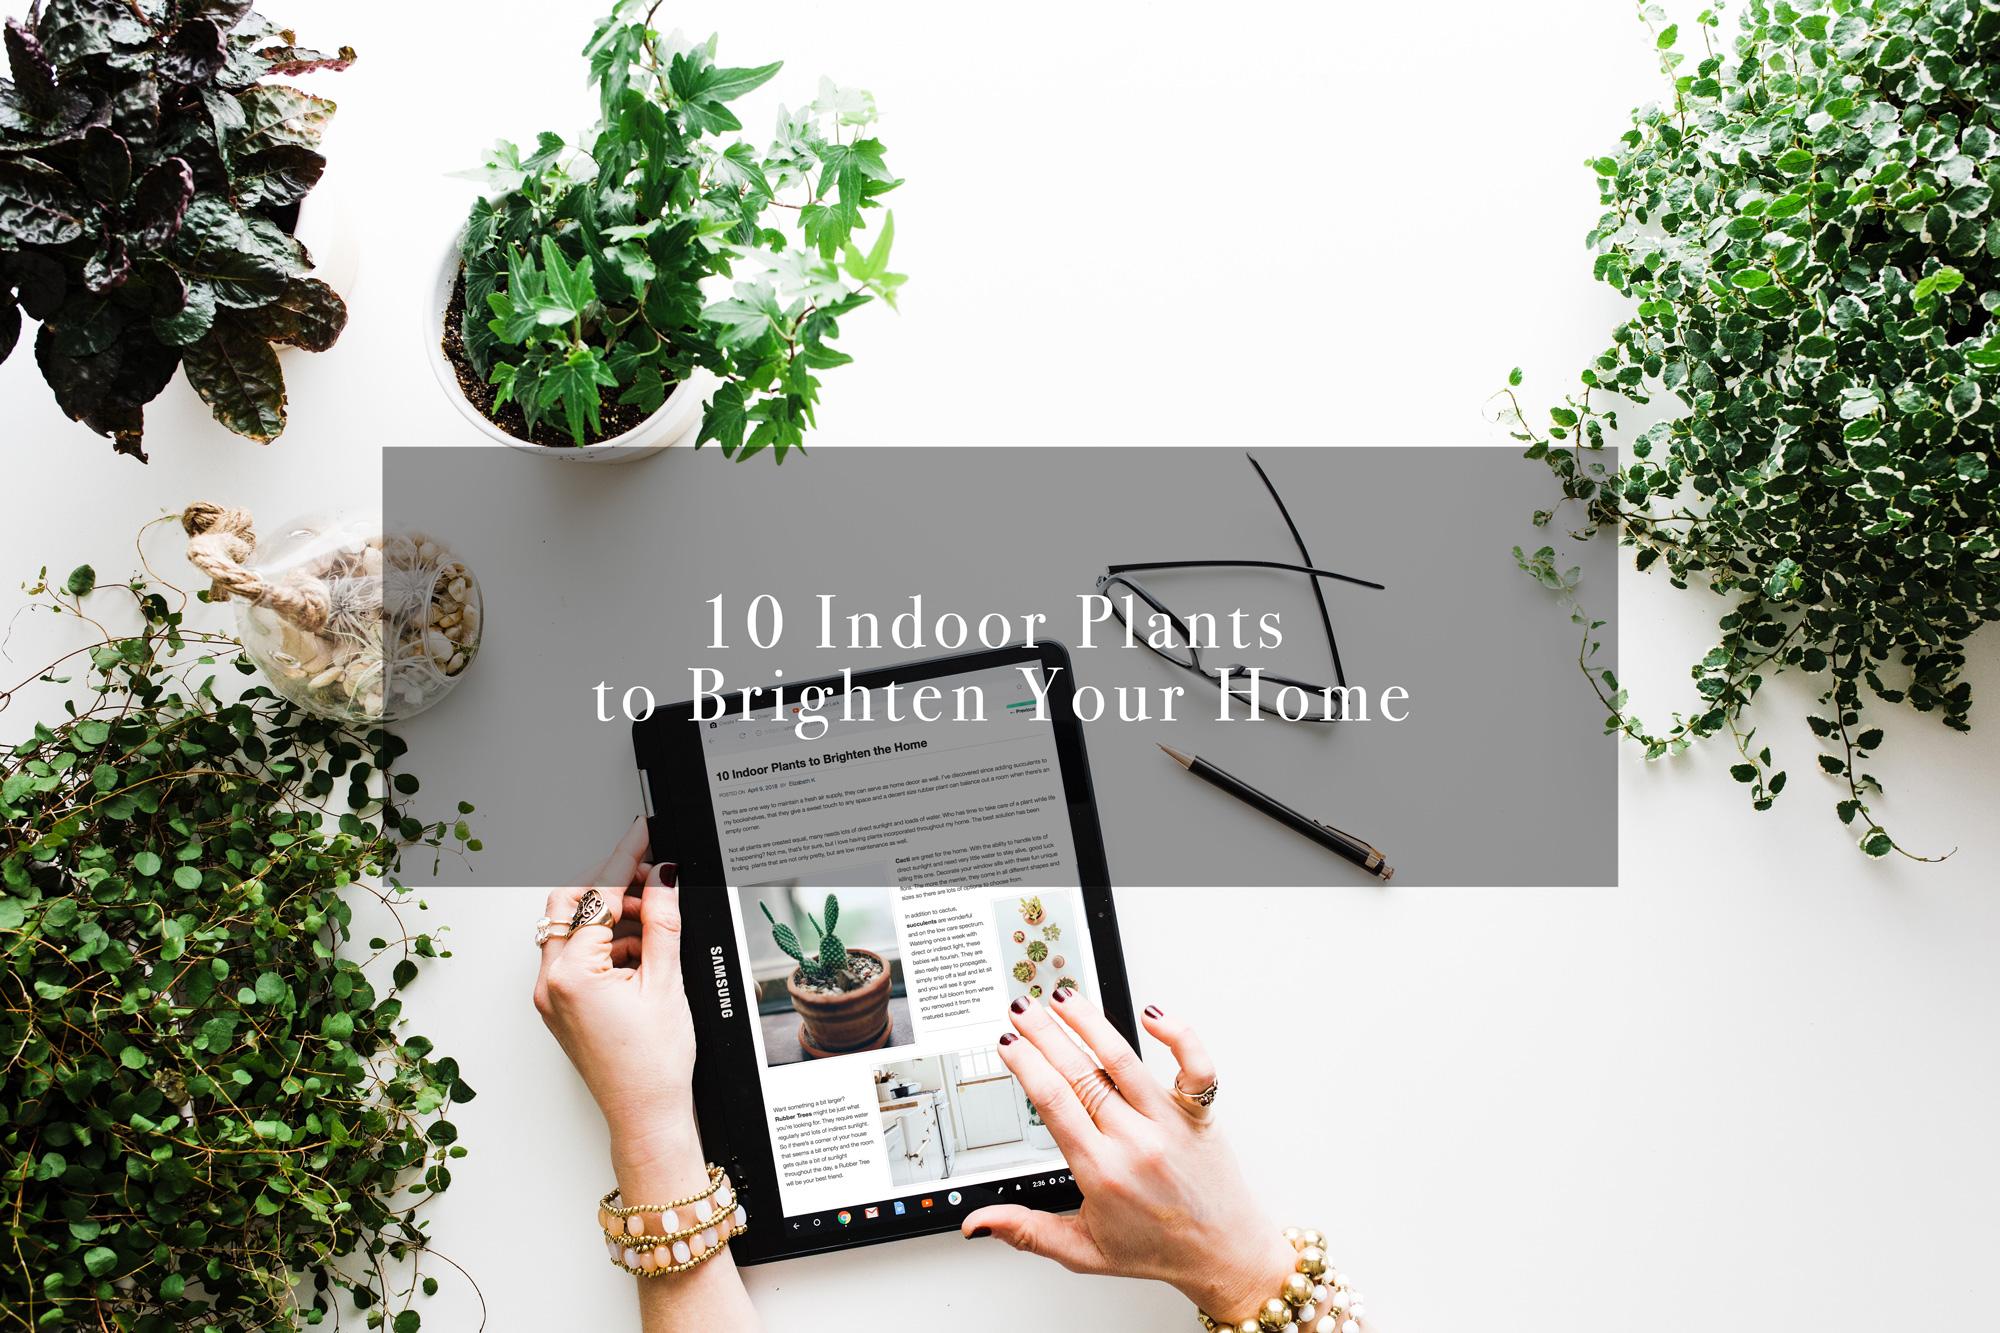 10 Indoor Plants To Brighten The Home